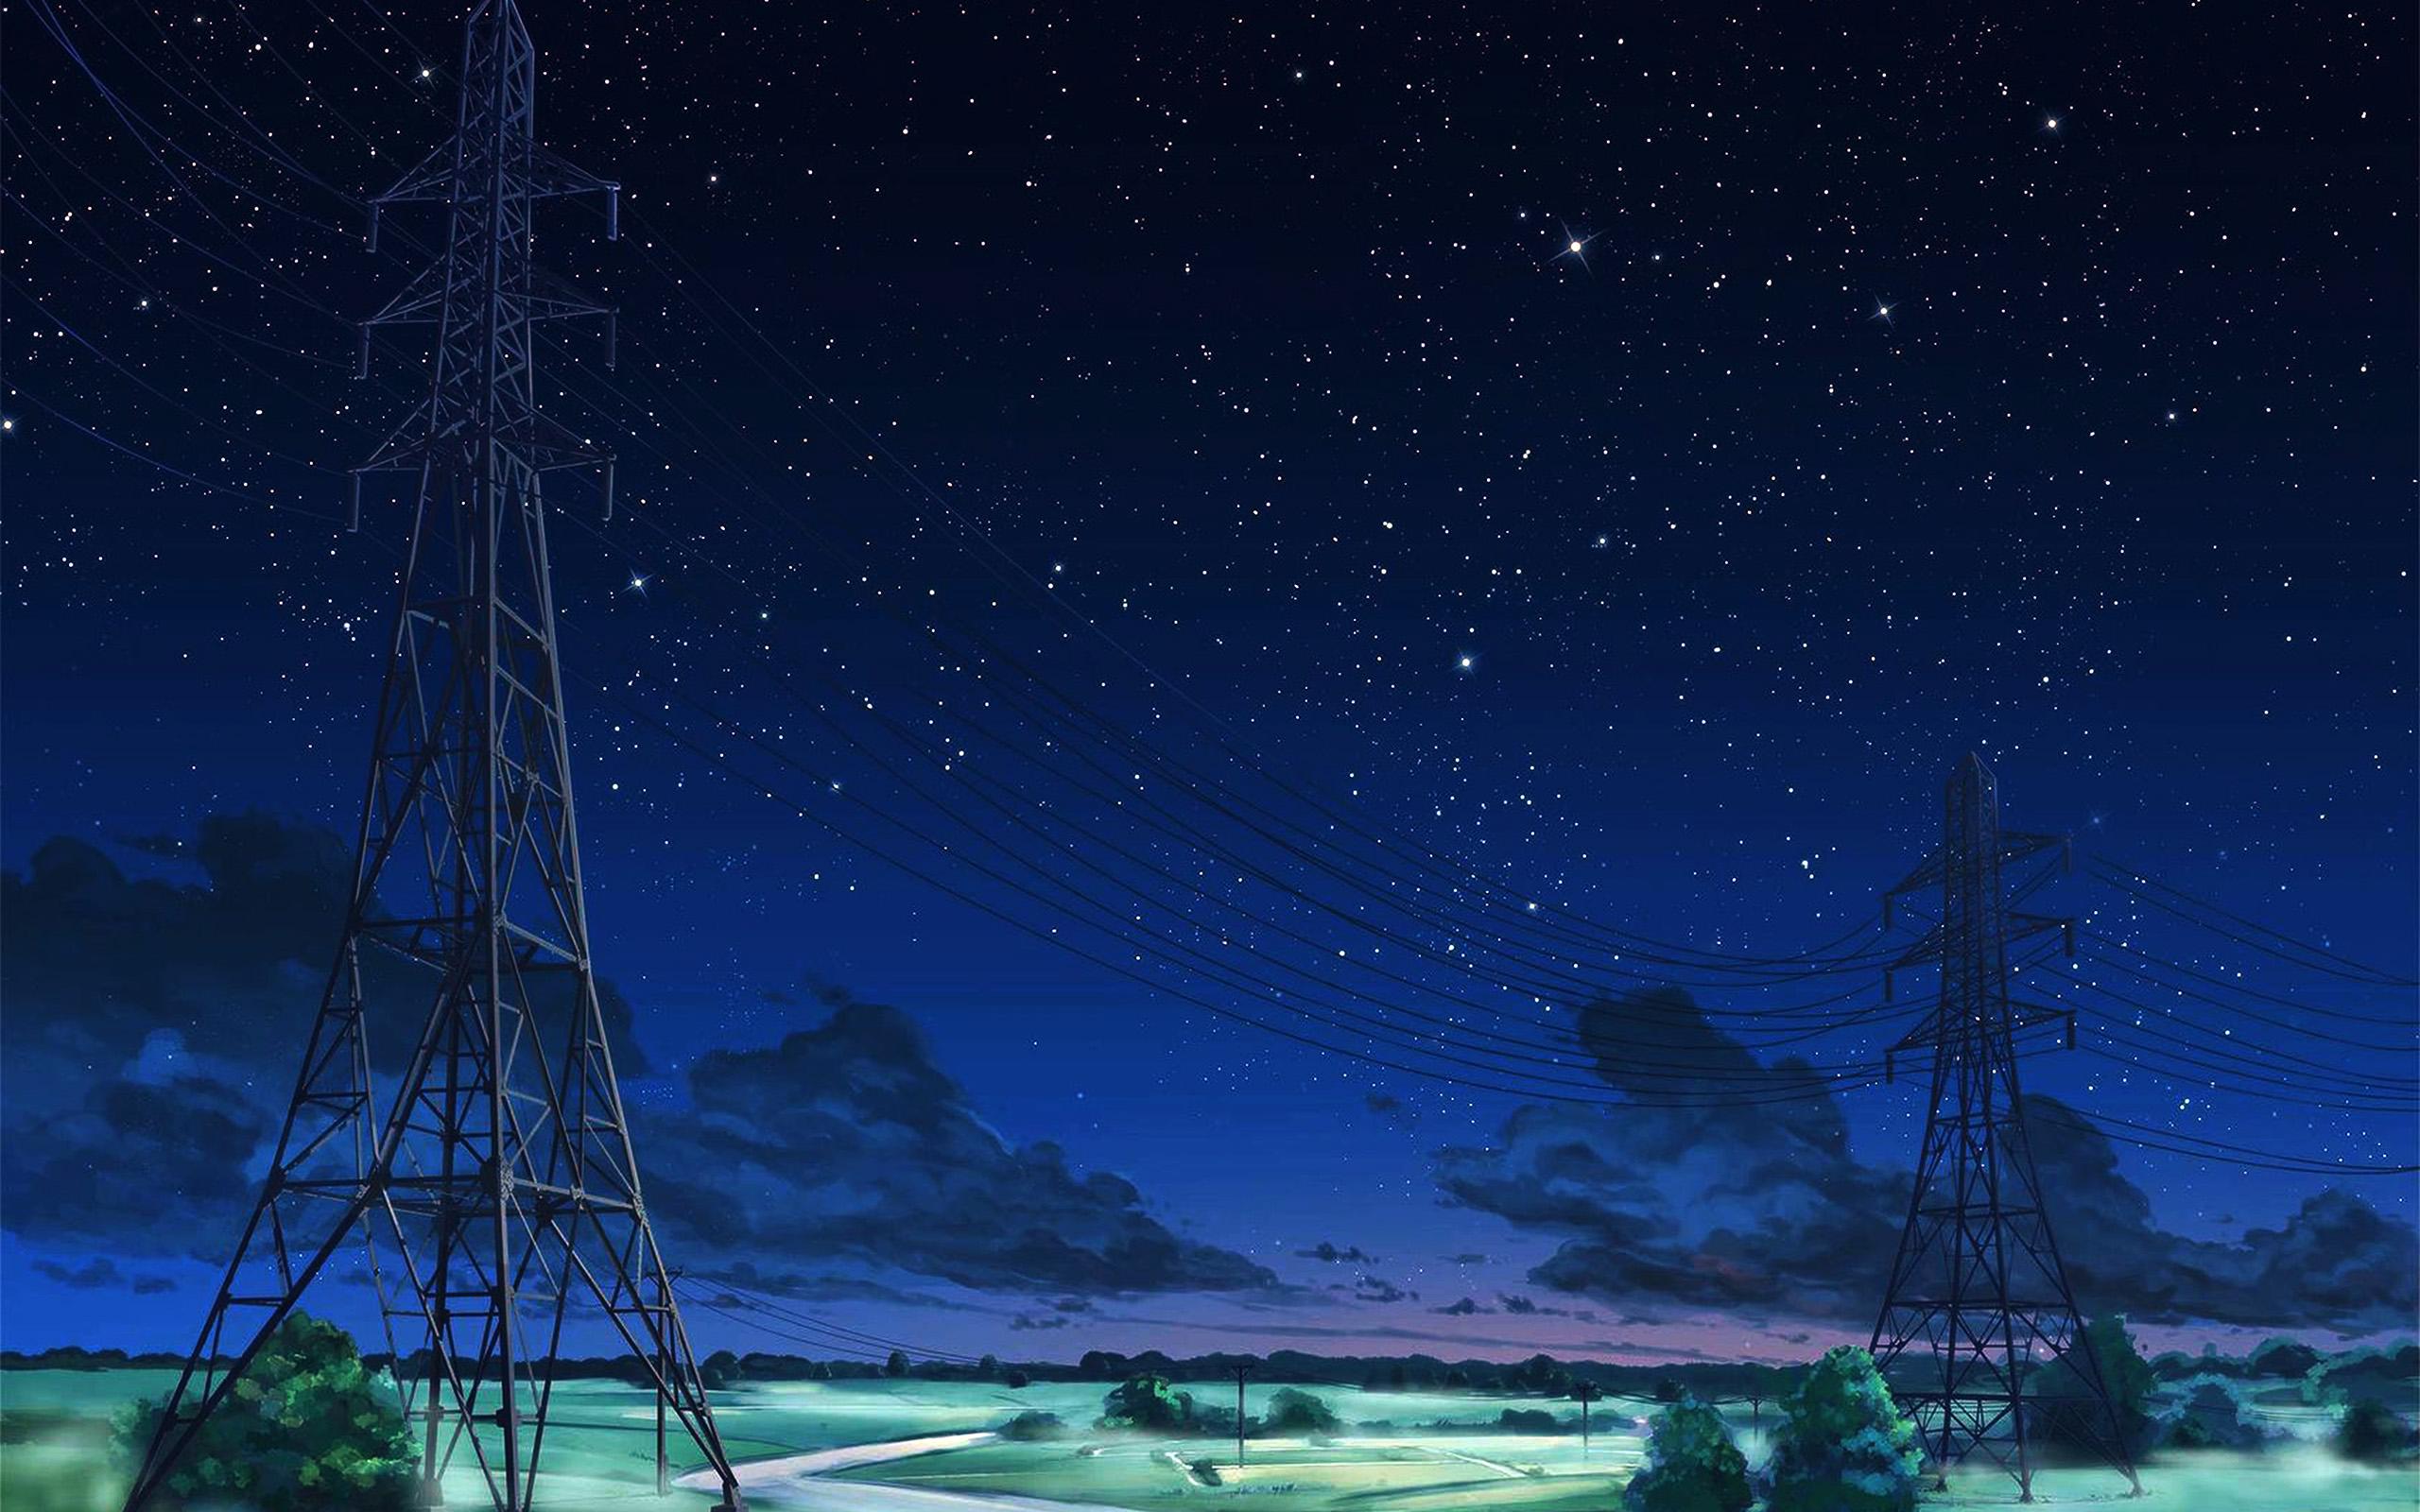 Wallpaper For Desktop Laptop Aw16 Arseniy Chebynkin Night Sky Star Blue Illustration Art Anime Dark